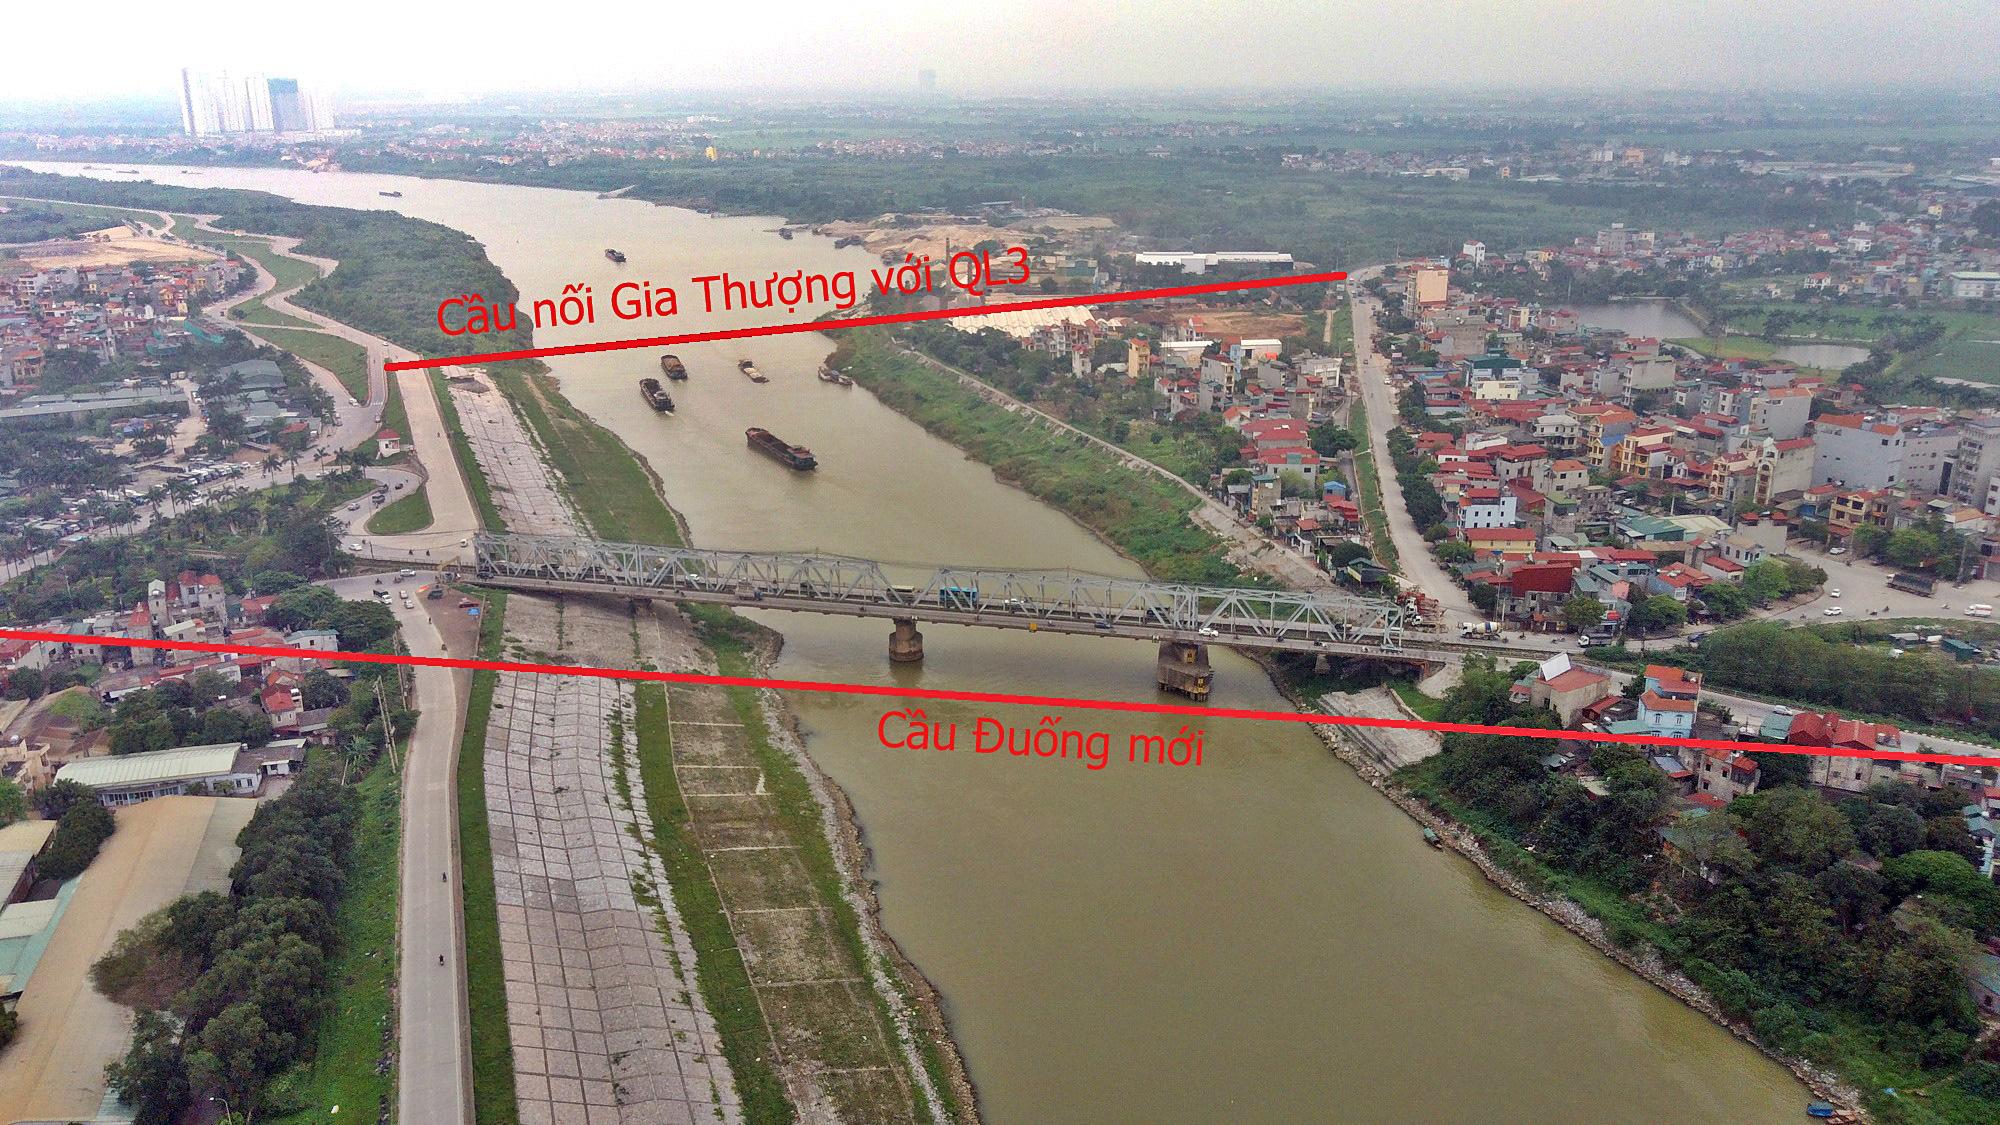 Cầu sẽ mở theo qui hoạch ở Hà Nội: Toàn cảnh vị trí làm cầu Đuống mới - Ảnh 4.